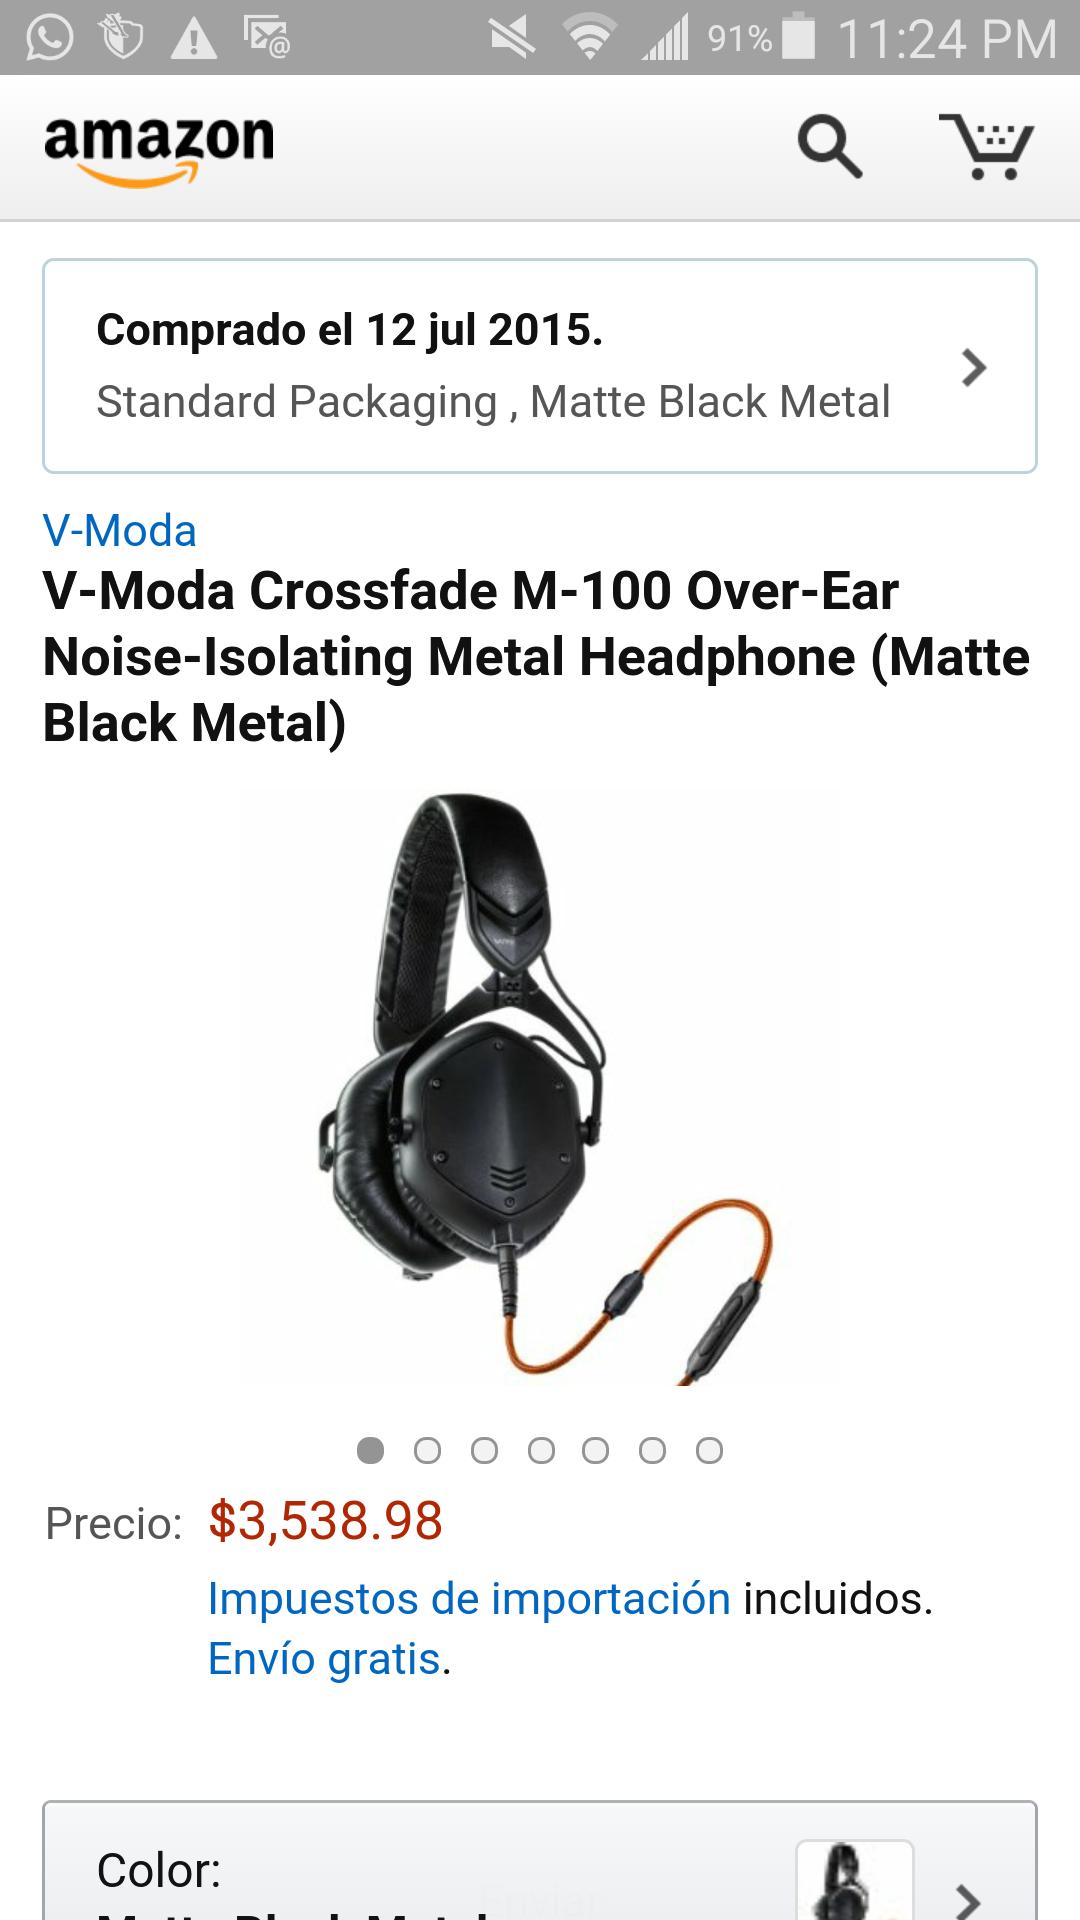 Amazon: Audiofonos Vmoda m100